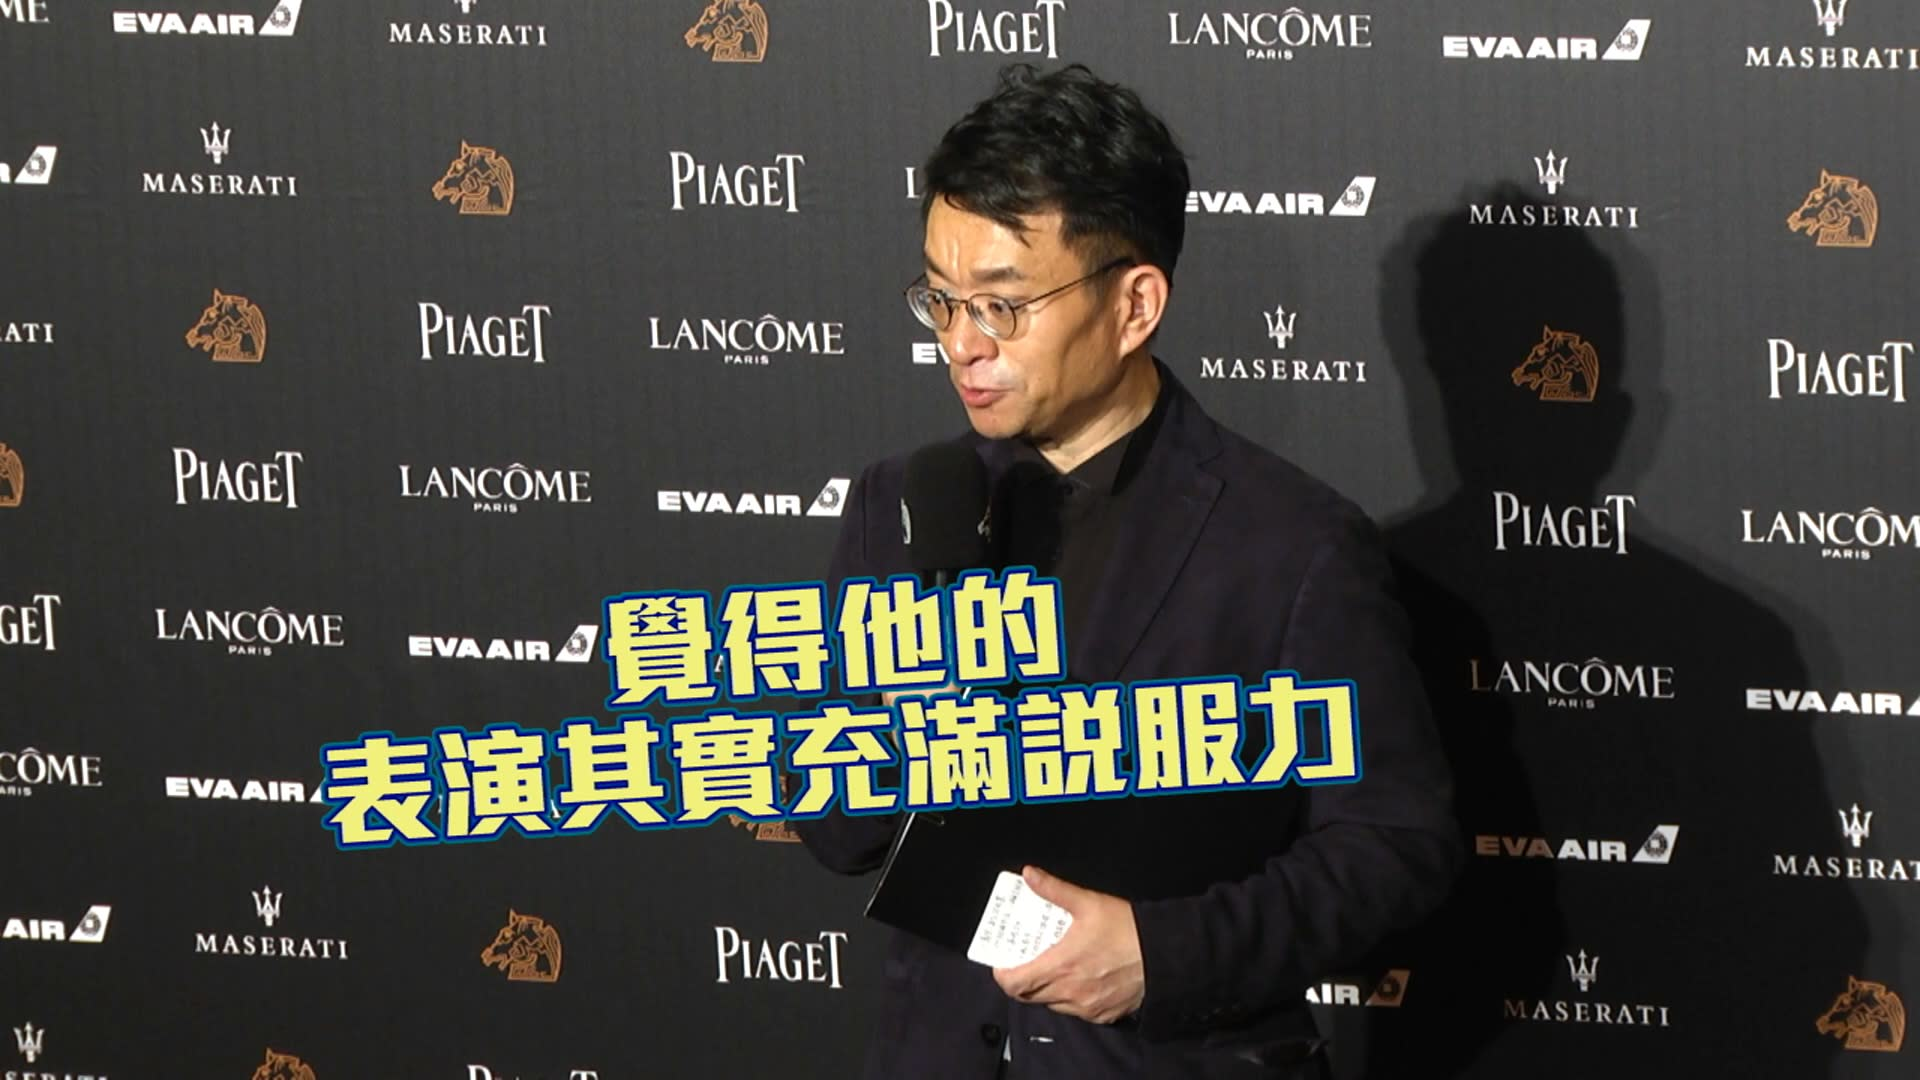 邱澤成男主角最大遺珠 文天祥透露輸在這幾點